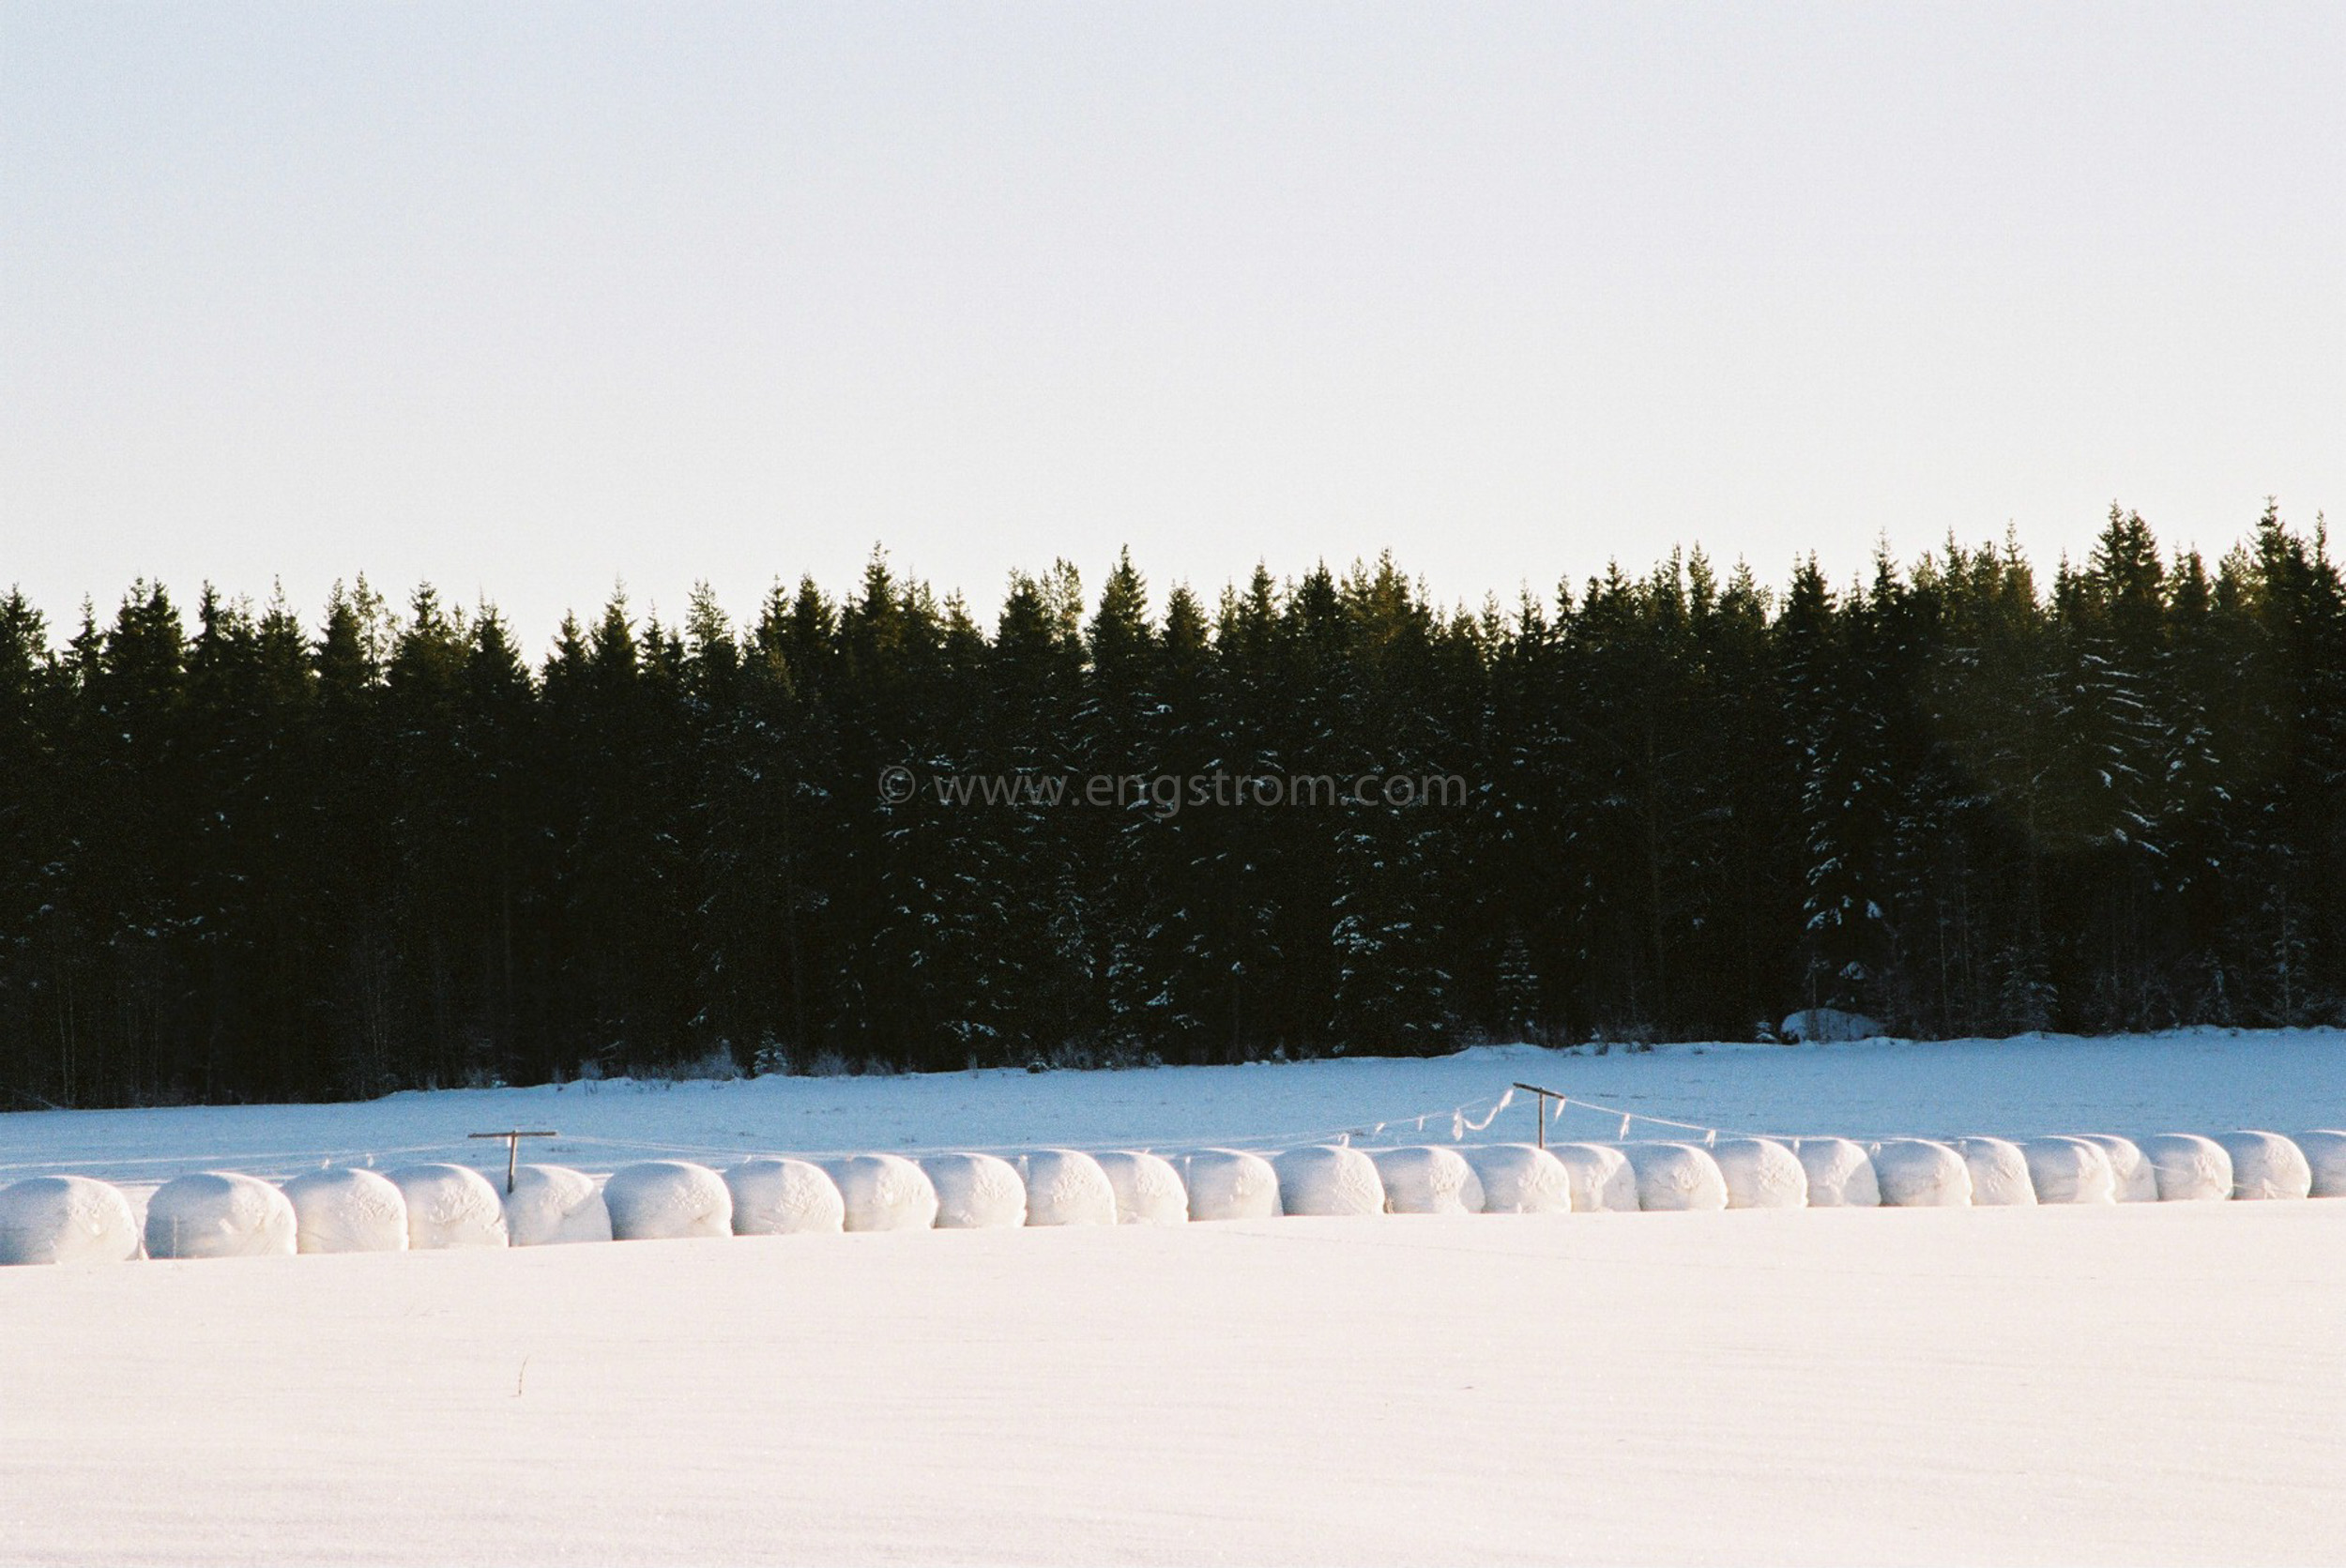 JE0400_054, Ensilagebalar på vintern. Hälsingland vintern 2004, Jonas Engström